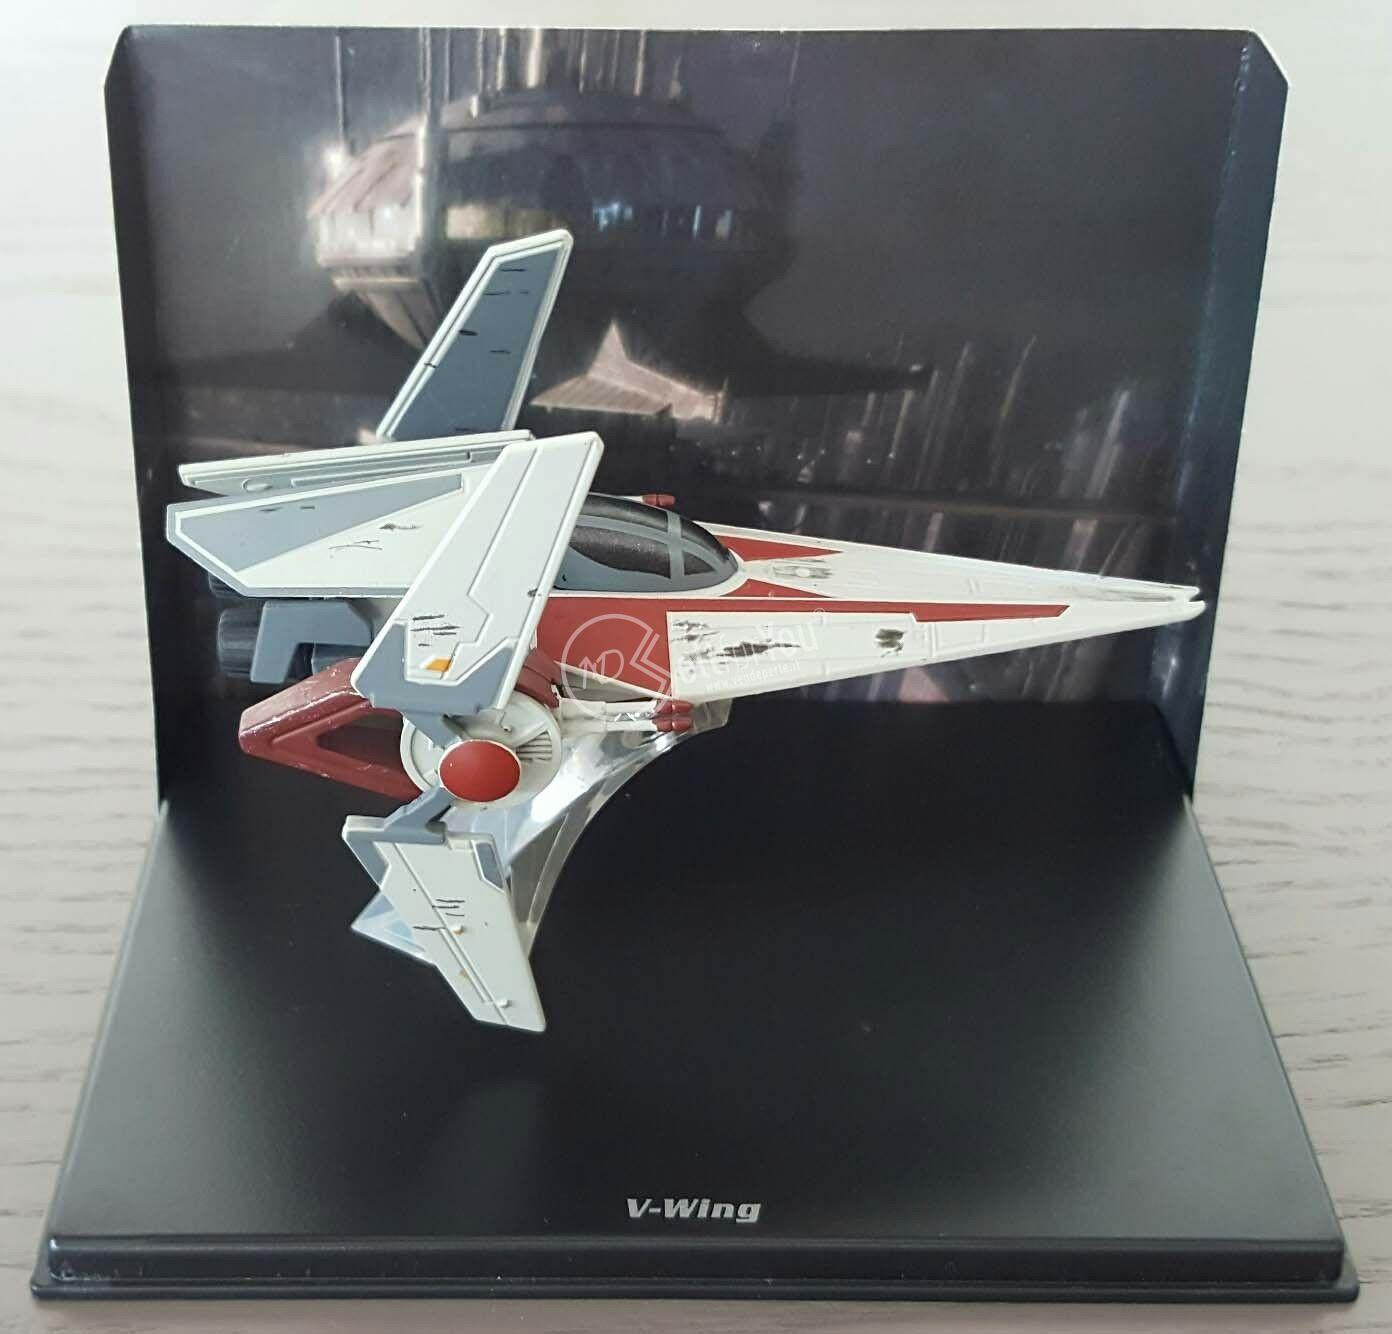 sellforyou immagine default articolo correlato non trovatoStar Wars V-wing navicelle e veicoli DeAgostini 91028